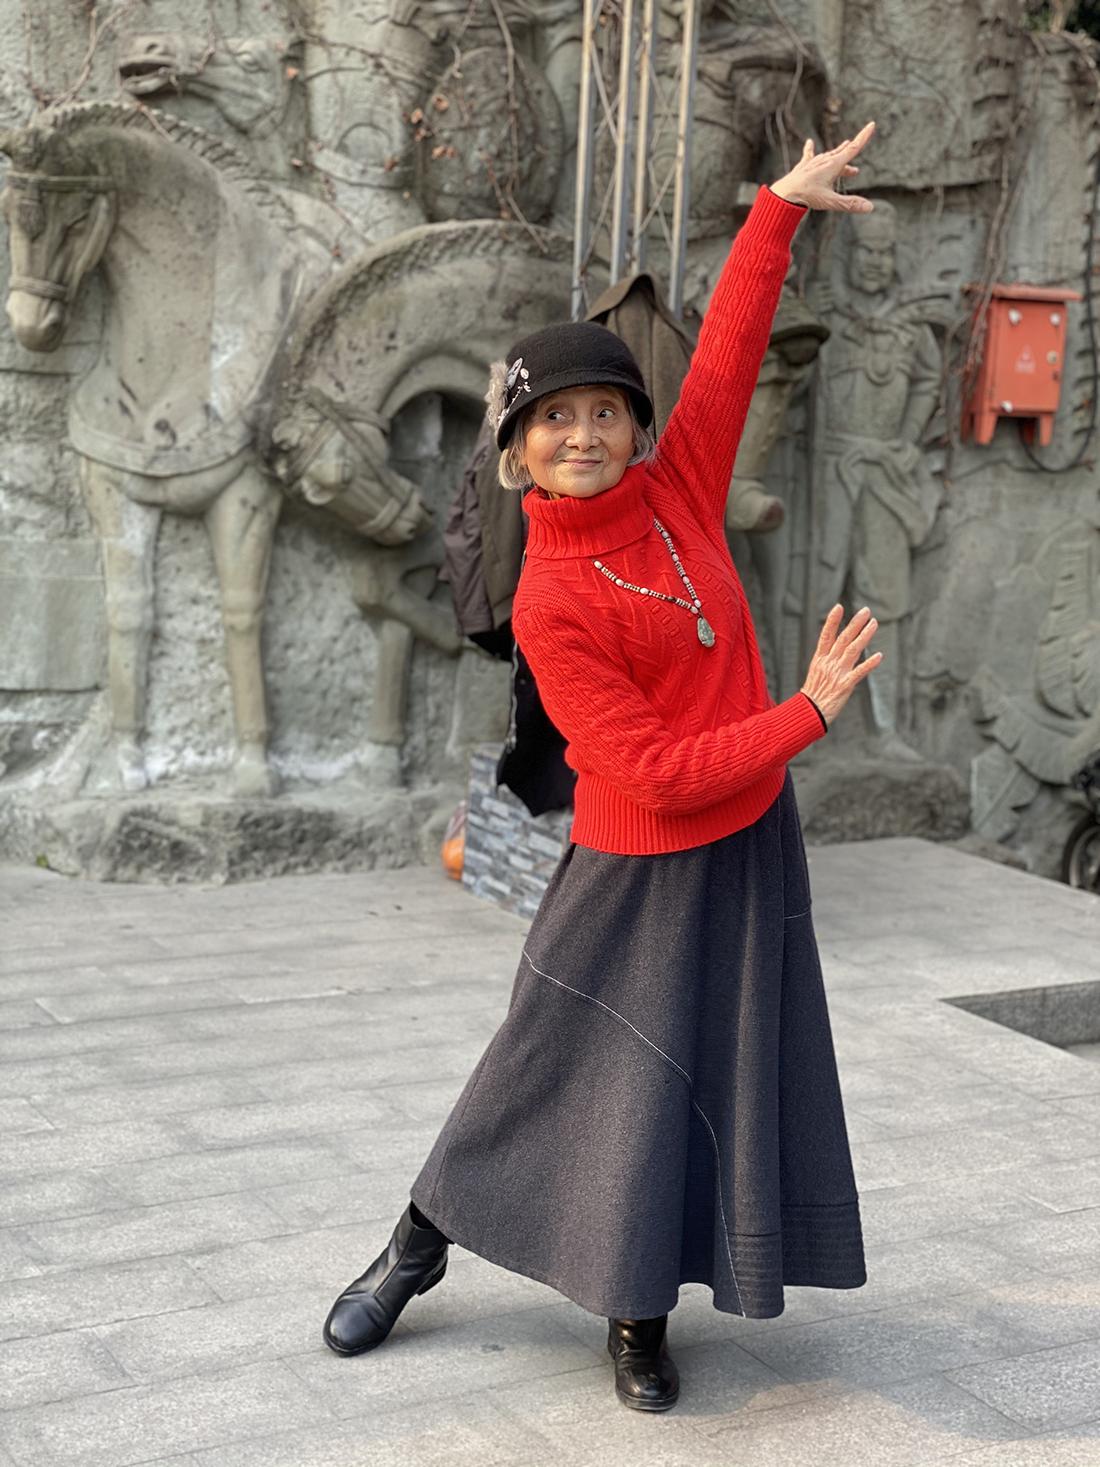 2021年1月26日,成都,郑婆婆在公园跳舞。